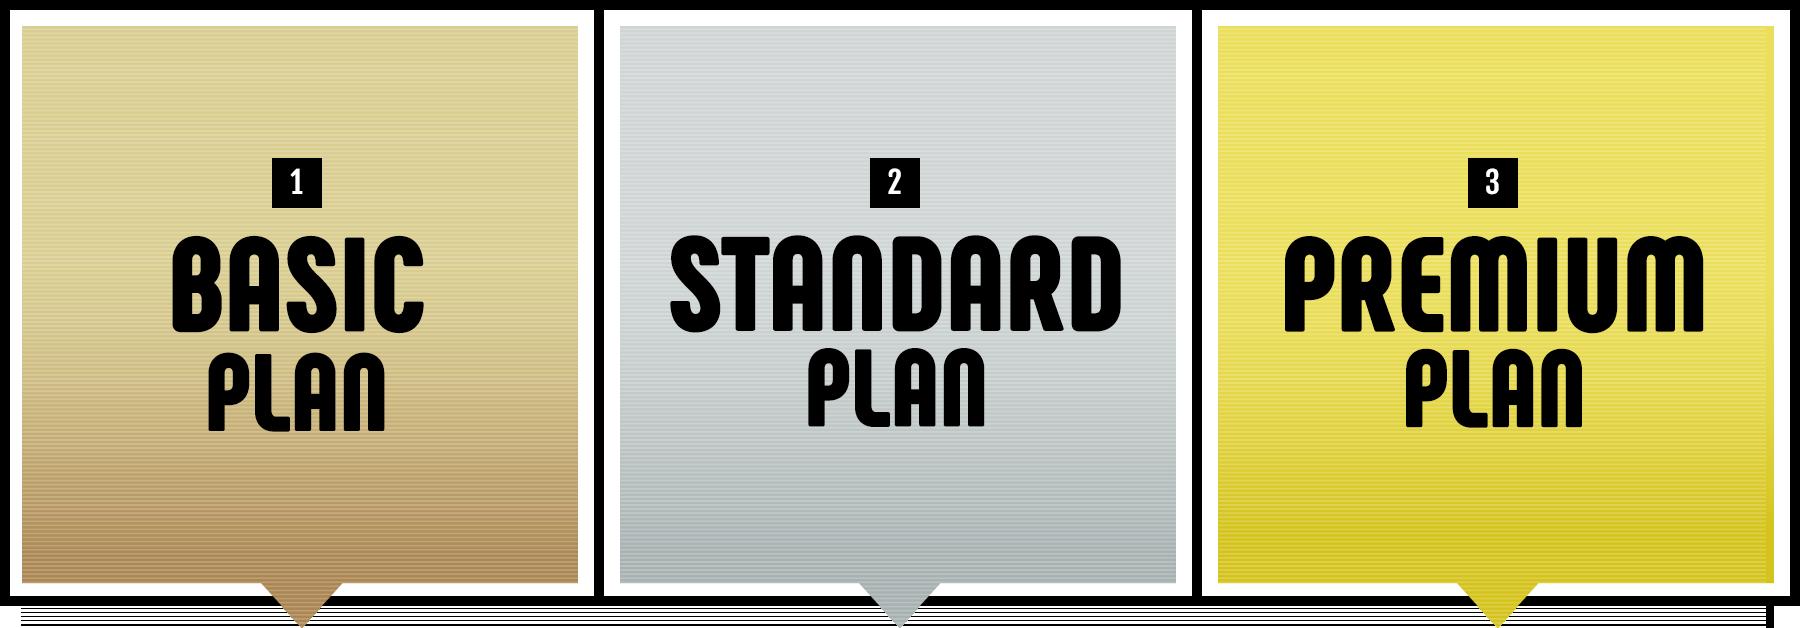 BASIC PLAN、STANDARD PLAN、PREMIUM PLAN